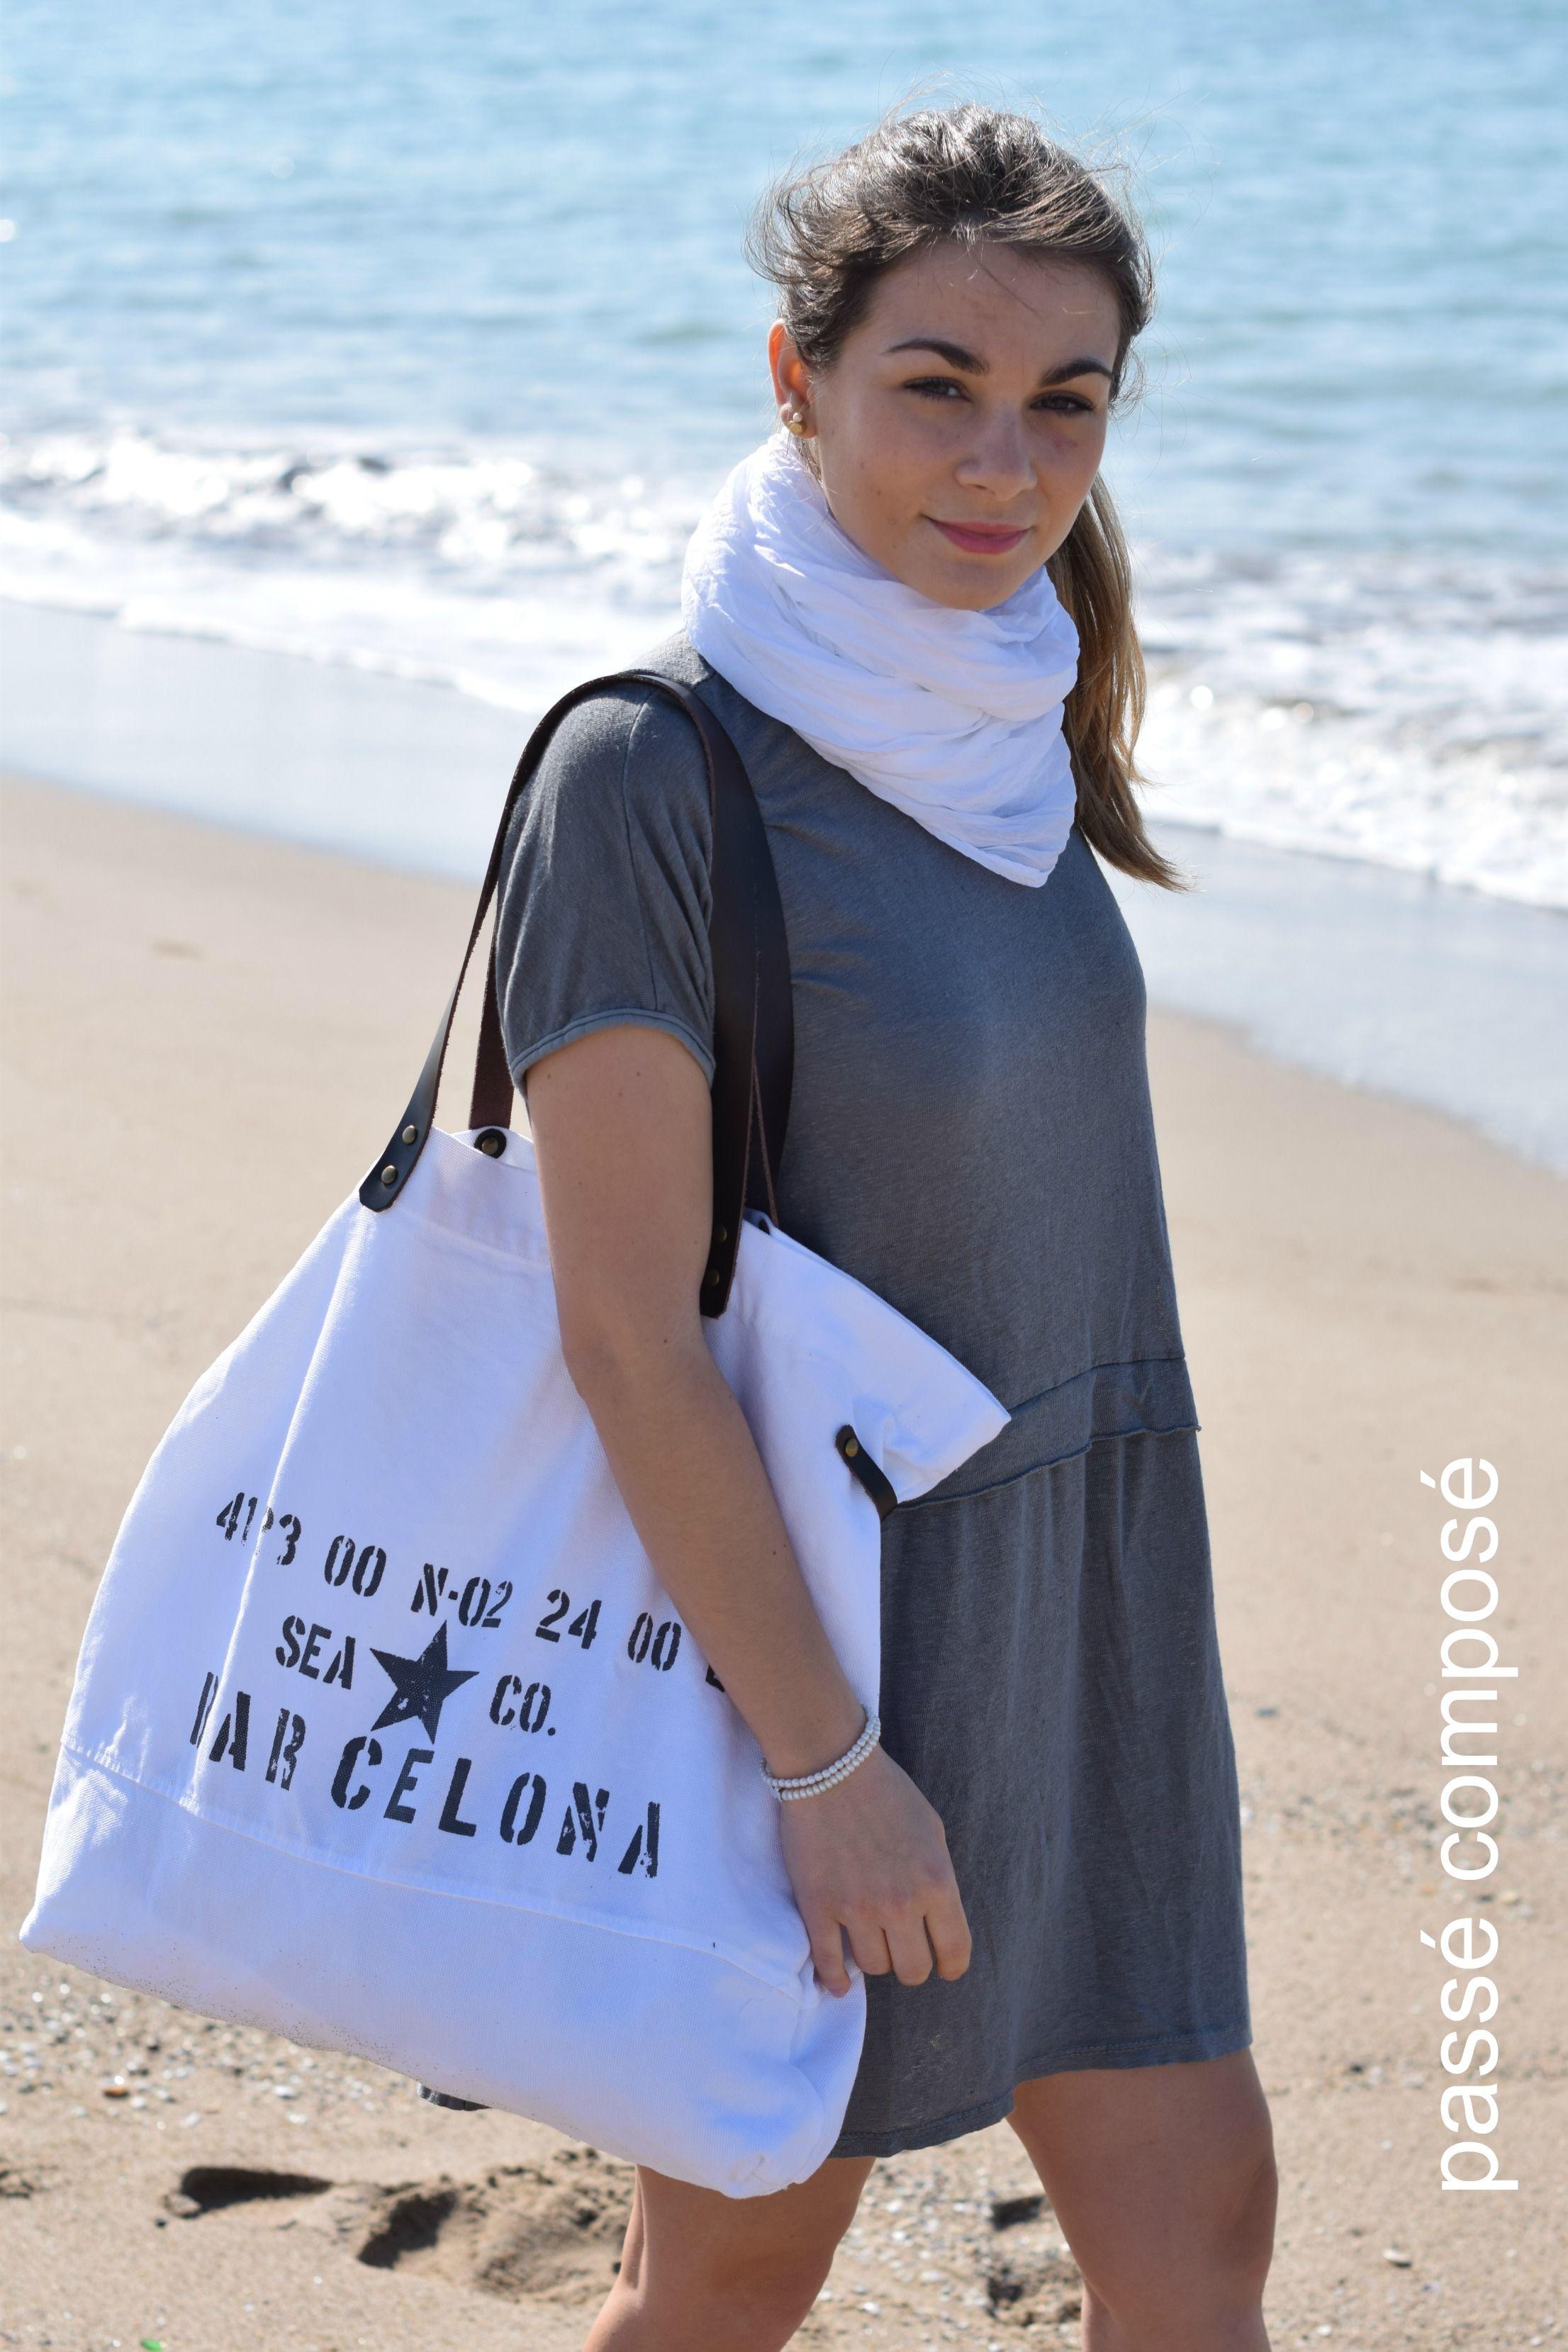 shop online at passecompose.es